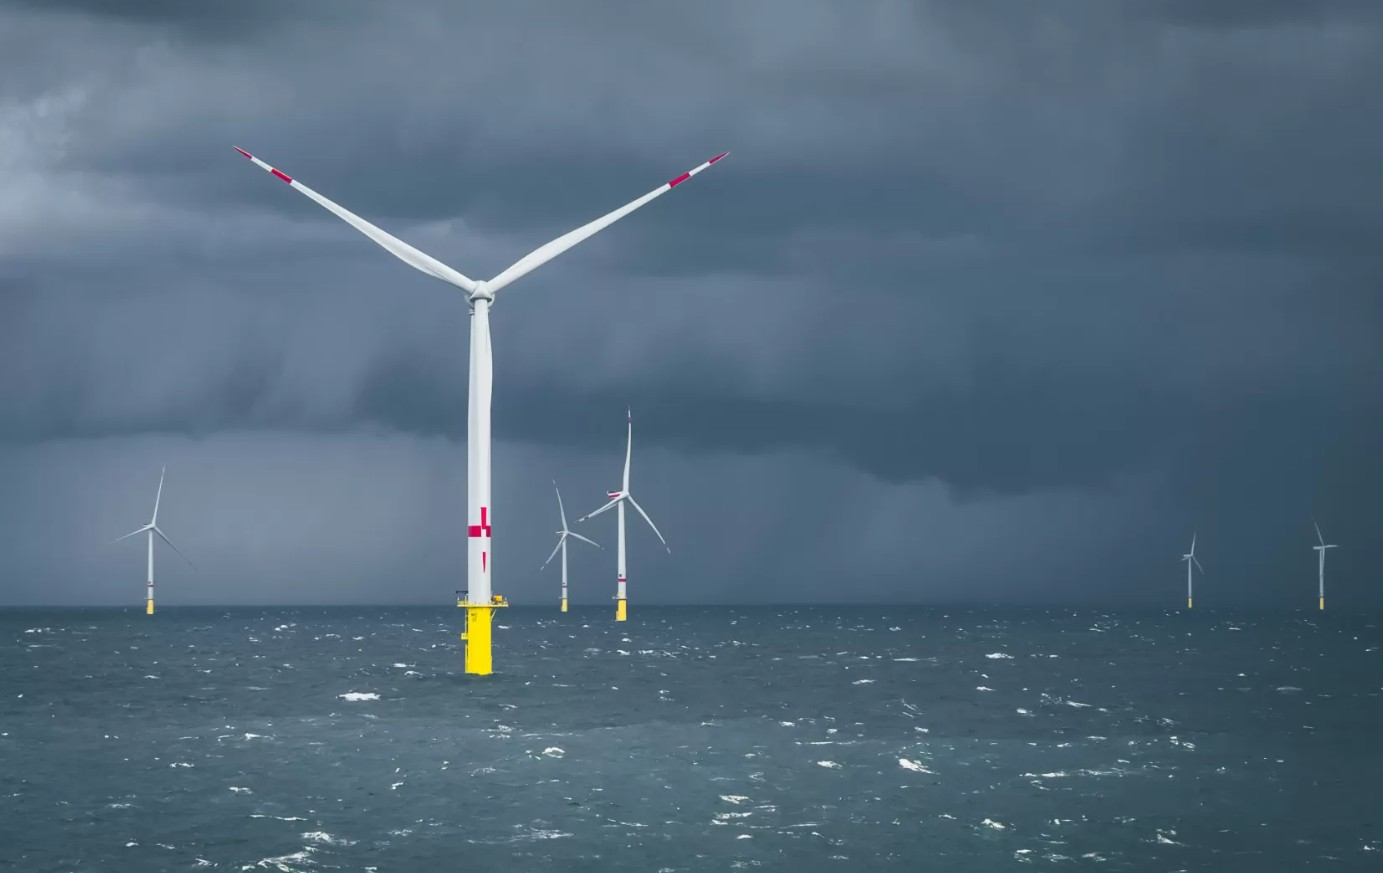 Birleşik Krallık Rüzgar Enerjisi